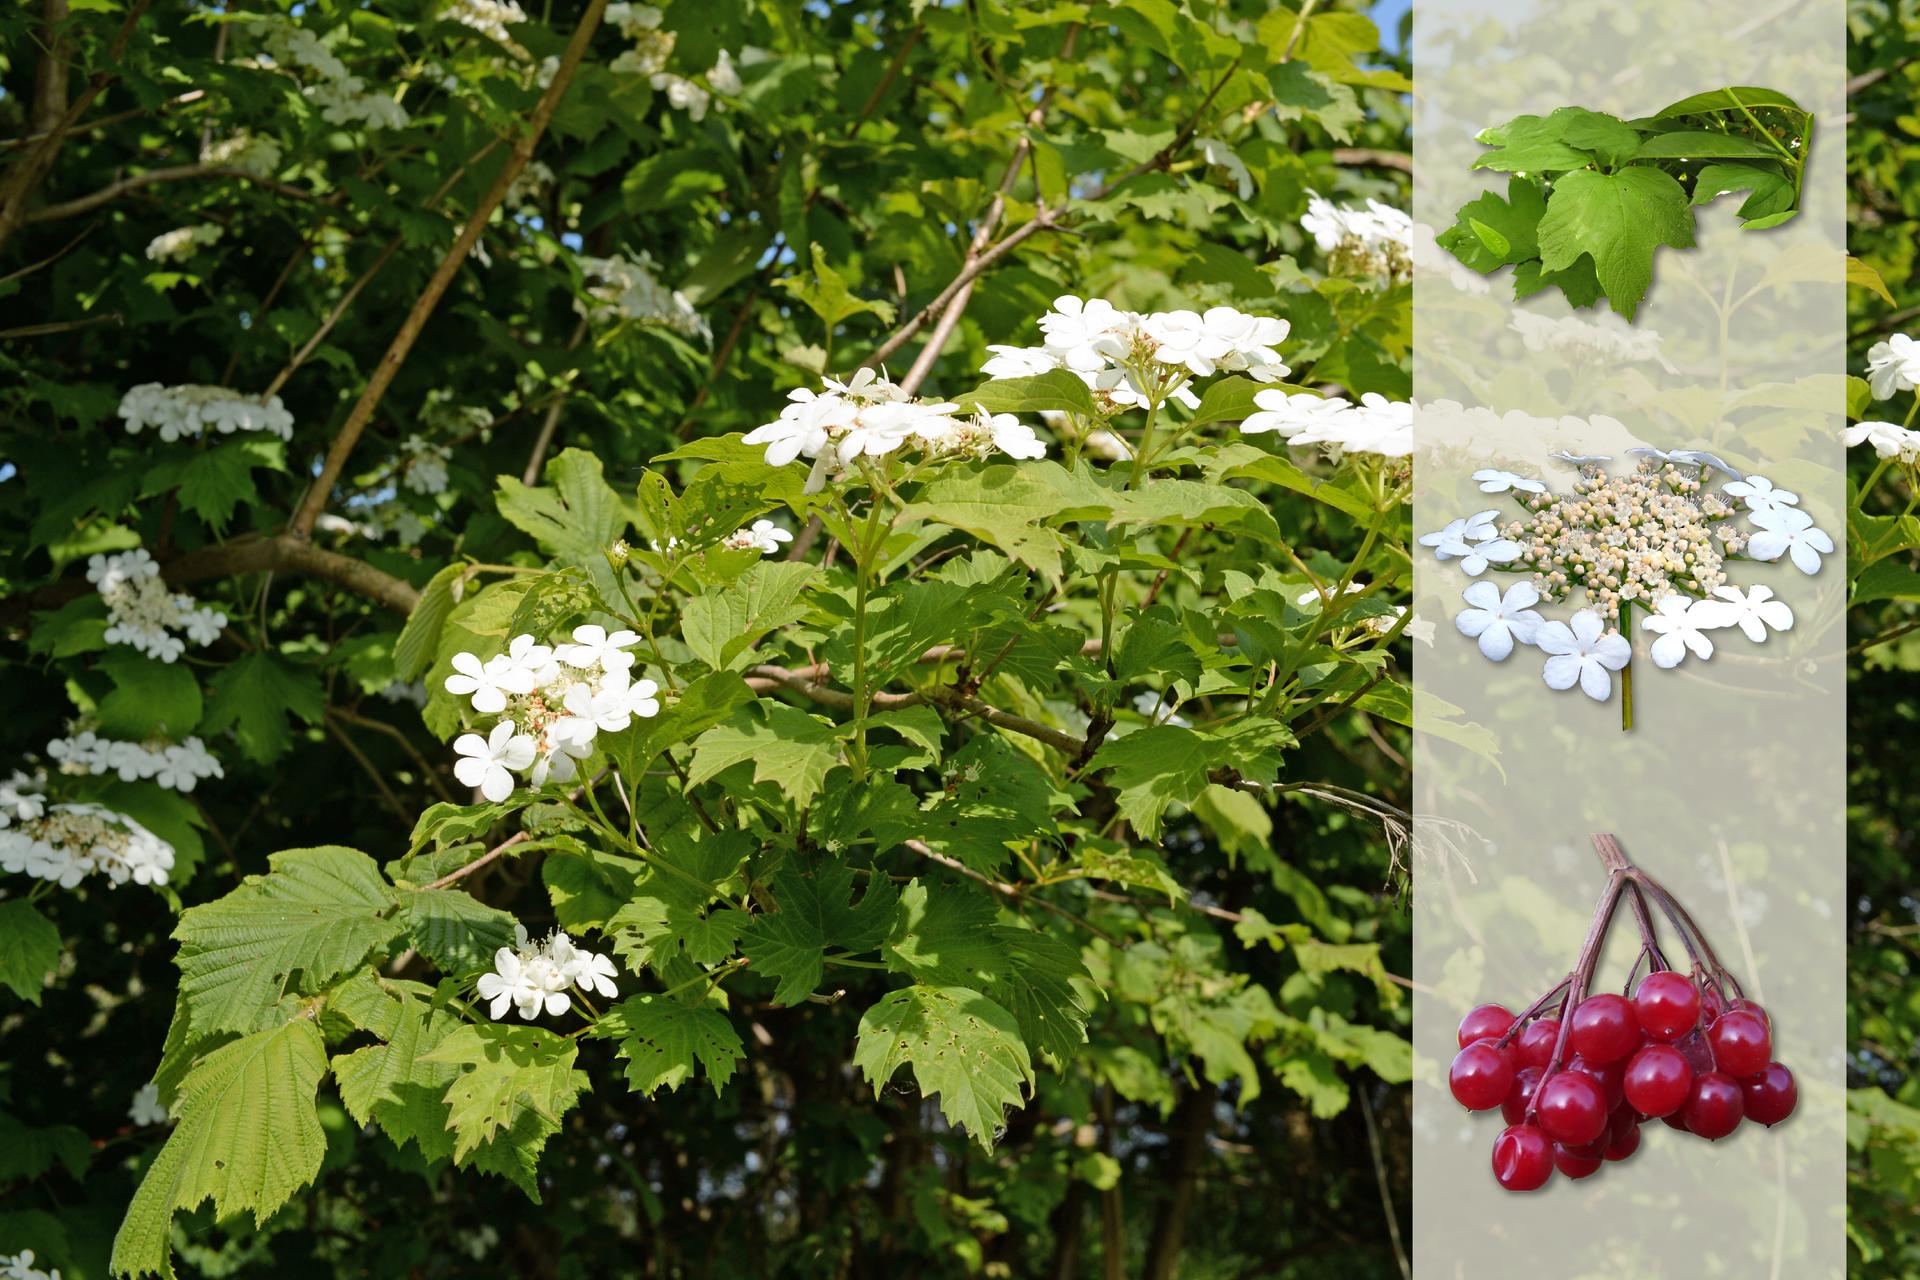 Fotografia przedstawia biało kwitnący krzew kaliny wogrodzie. Zprawej strony nałożony jaśniejszy pasek zfotografiami. Ugóry liście. Wśrodku baldachowaty kwiatostan zbiałymi kwiatami na obrzeżach. Udołu gałązka zczerwonymi, kulistymi owocami.